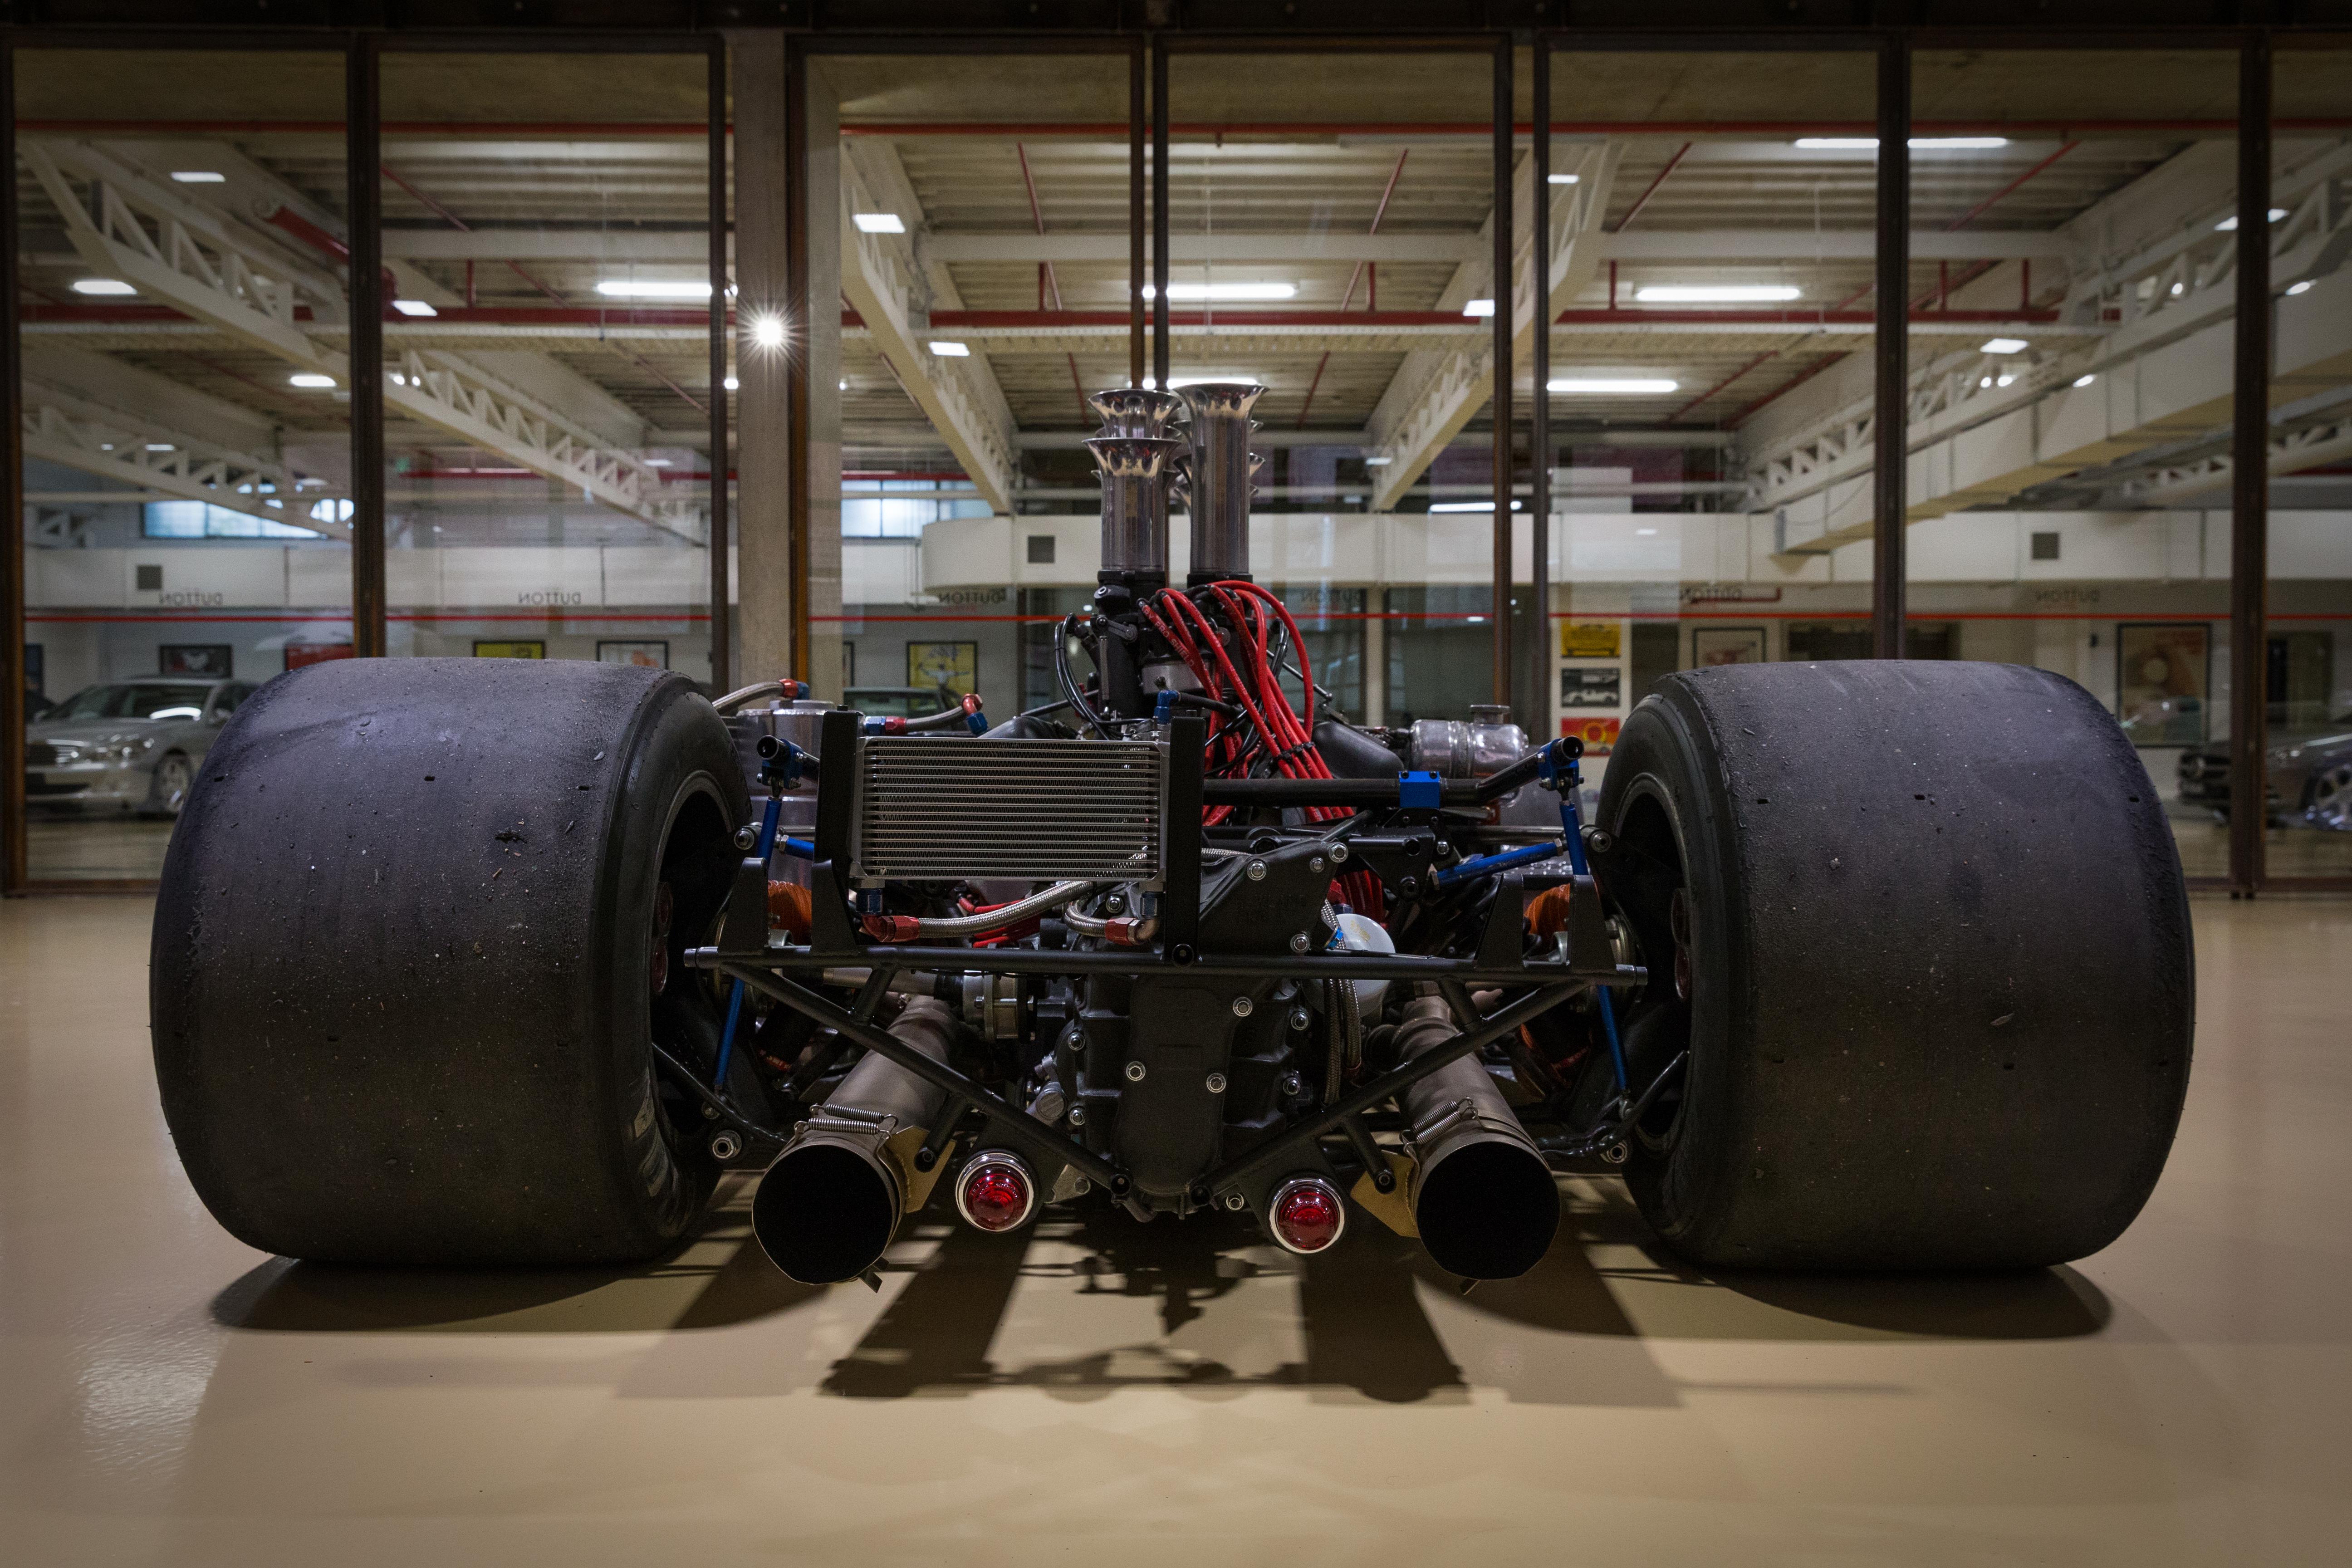 Maclaren M8 race car